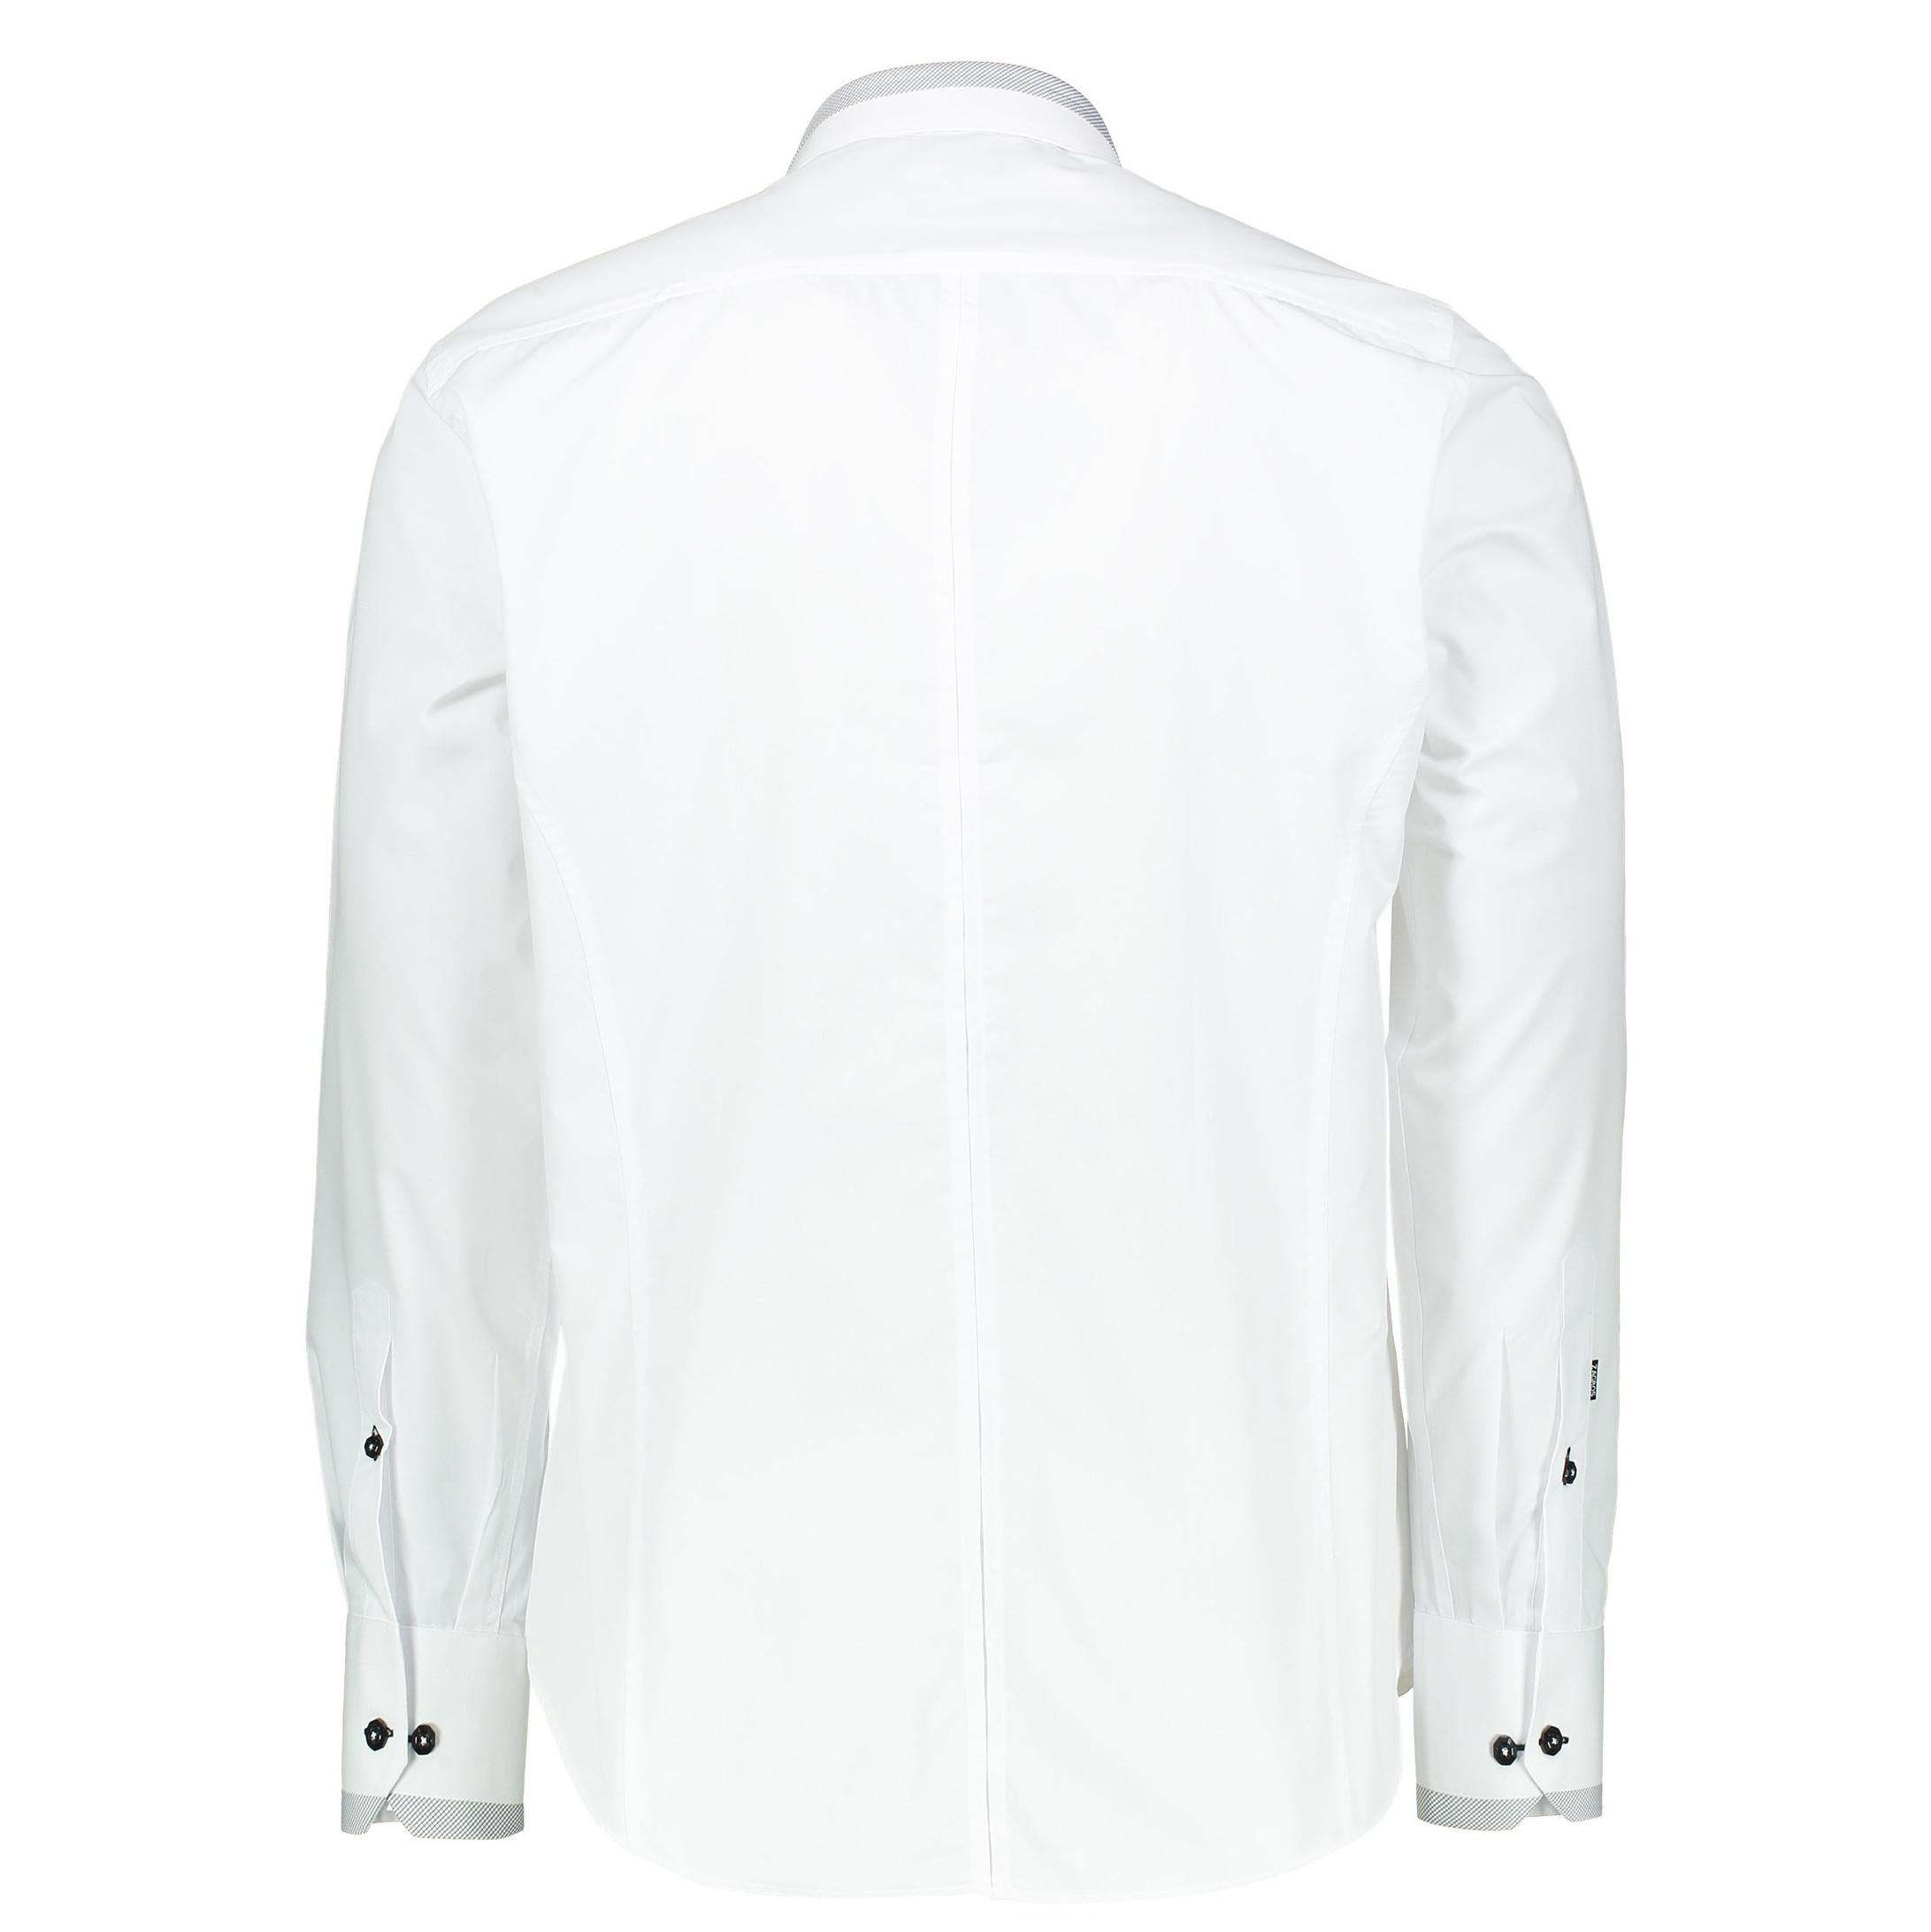 پیراهن رسمی مردانه - زاگرس پوش - سفيد - 2